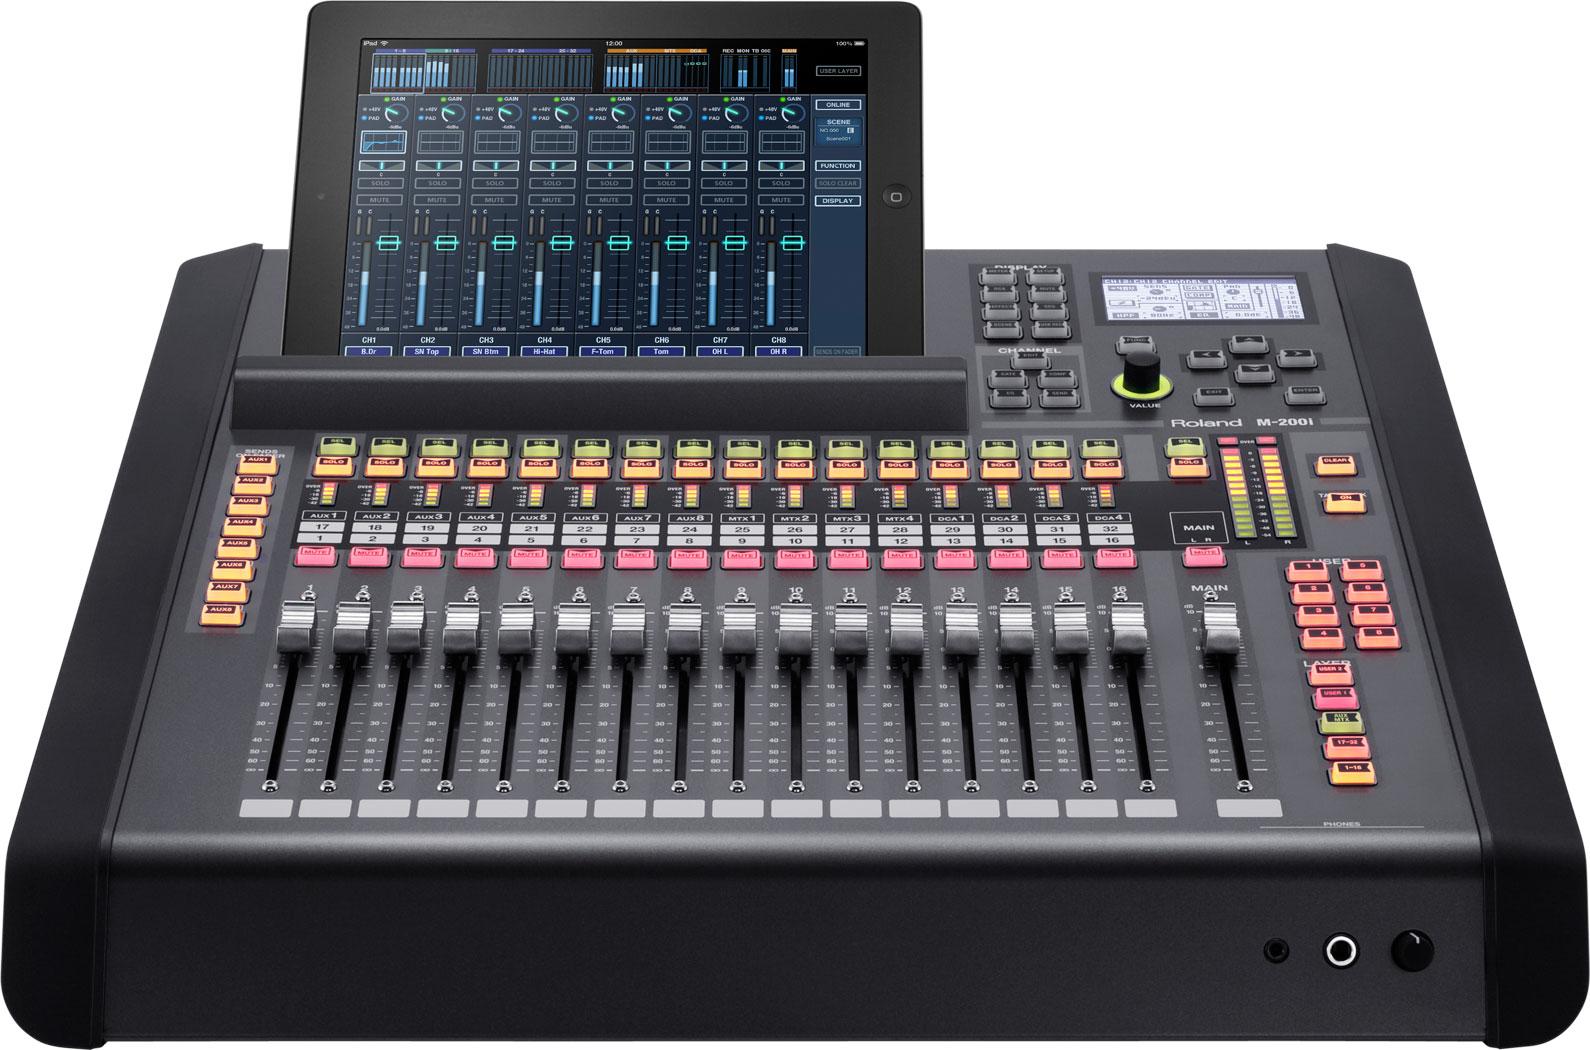 Roland Pro A/V - M-200i | Consola mezcladora digital con 32